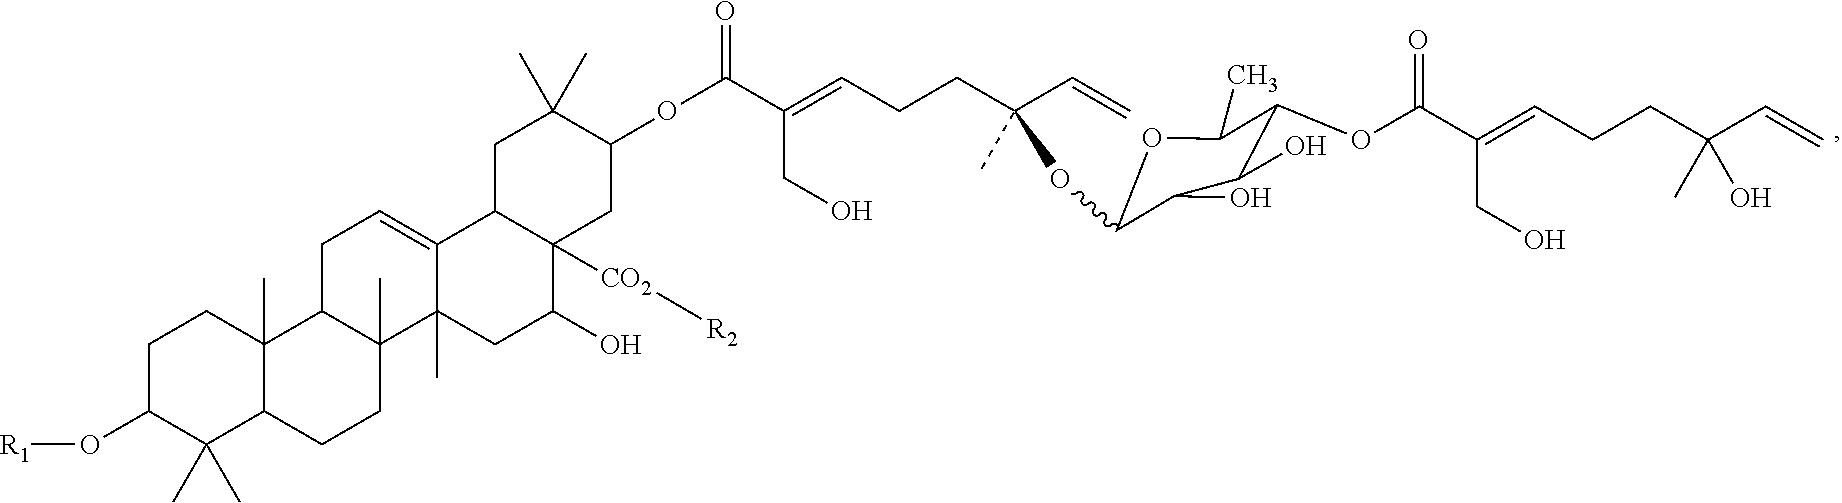 Figure US08324177-20121204-C00007